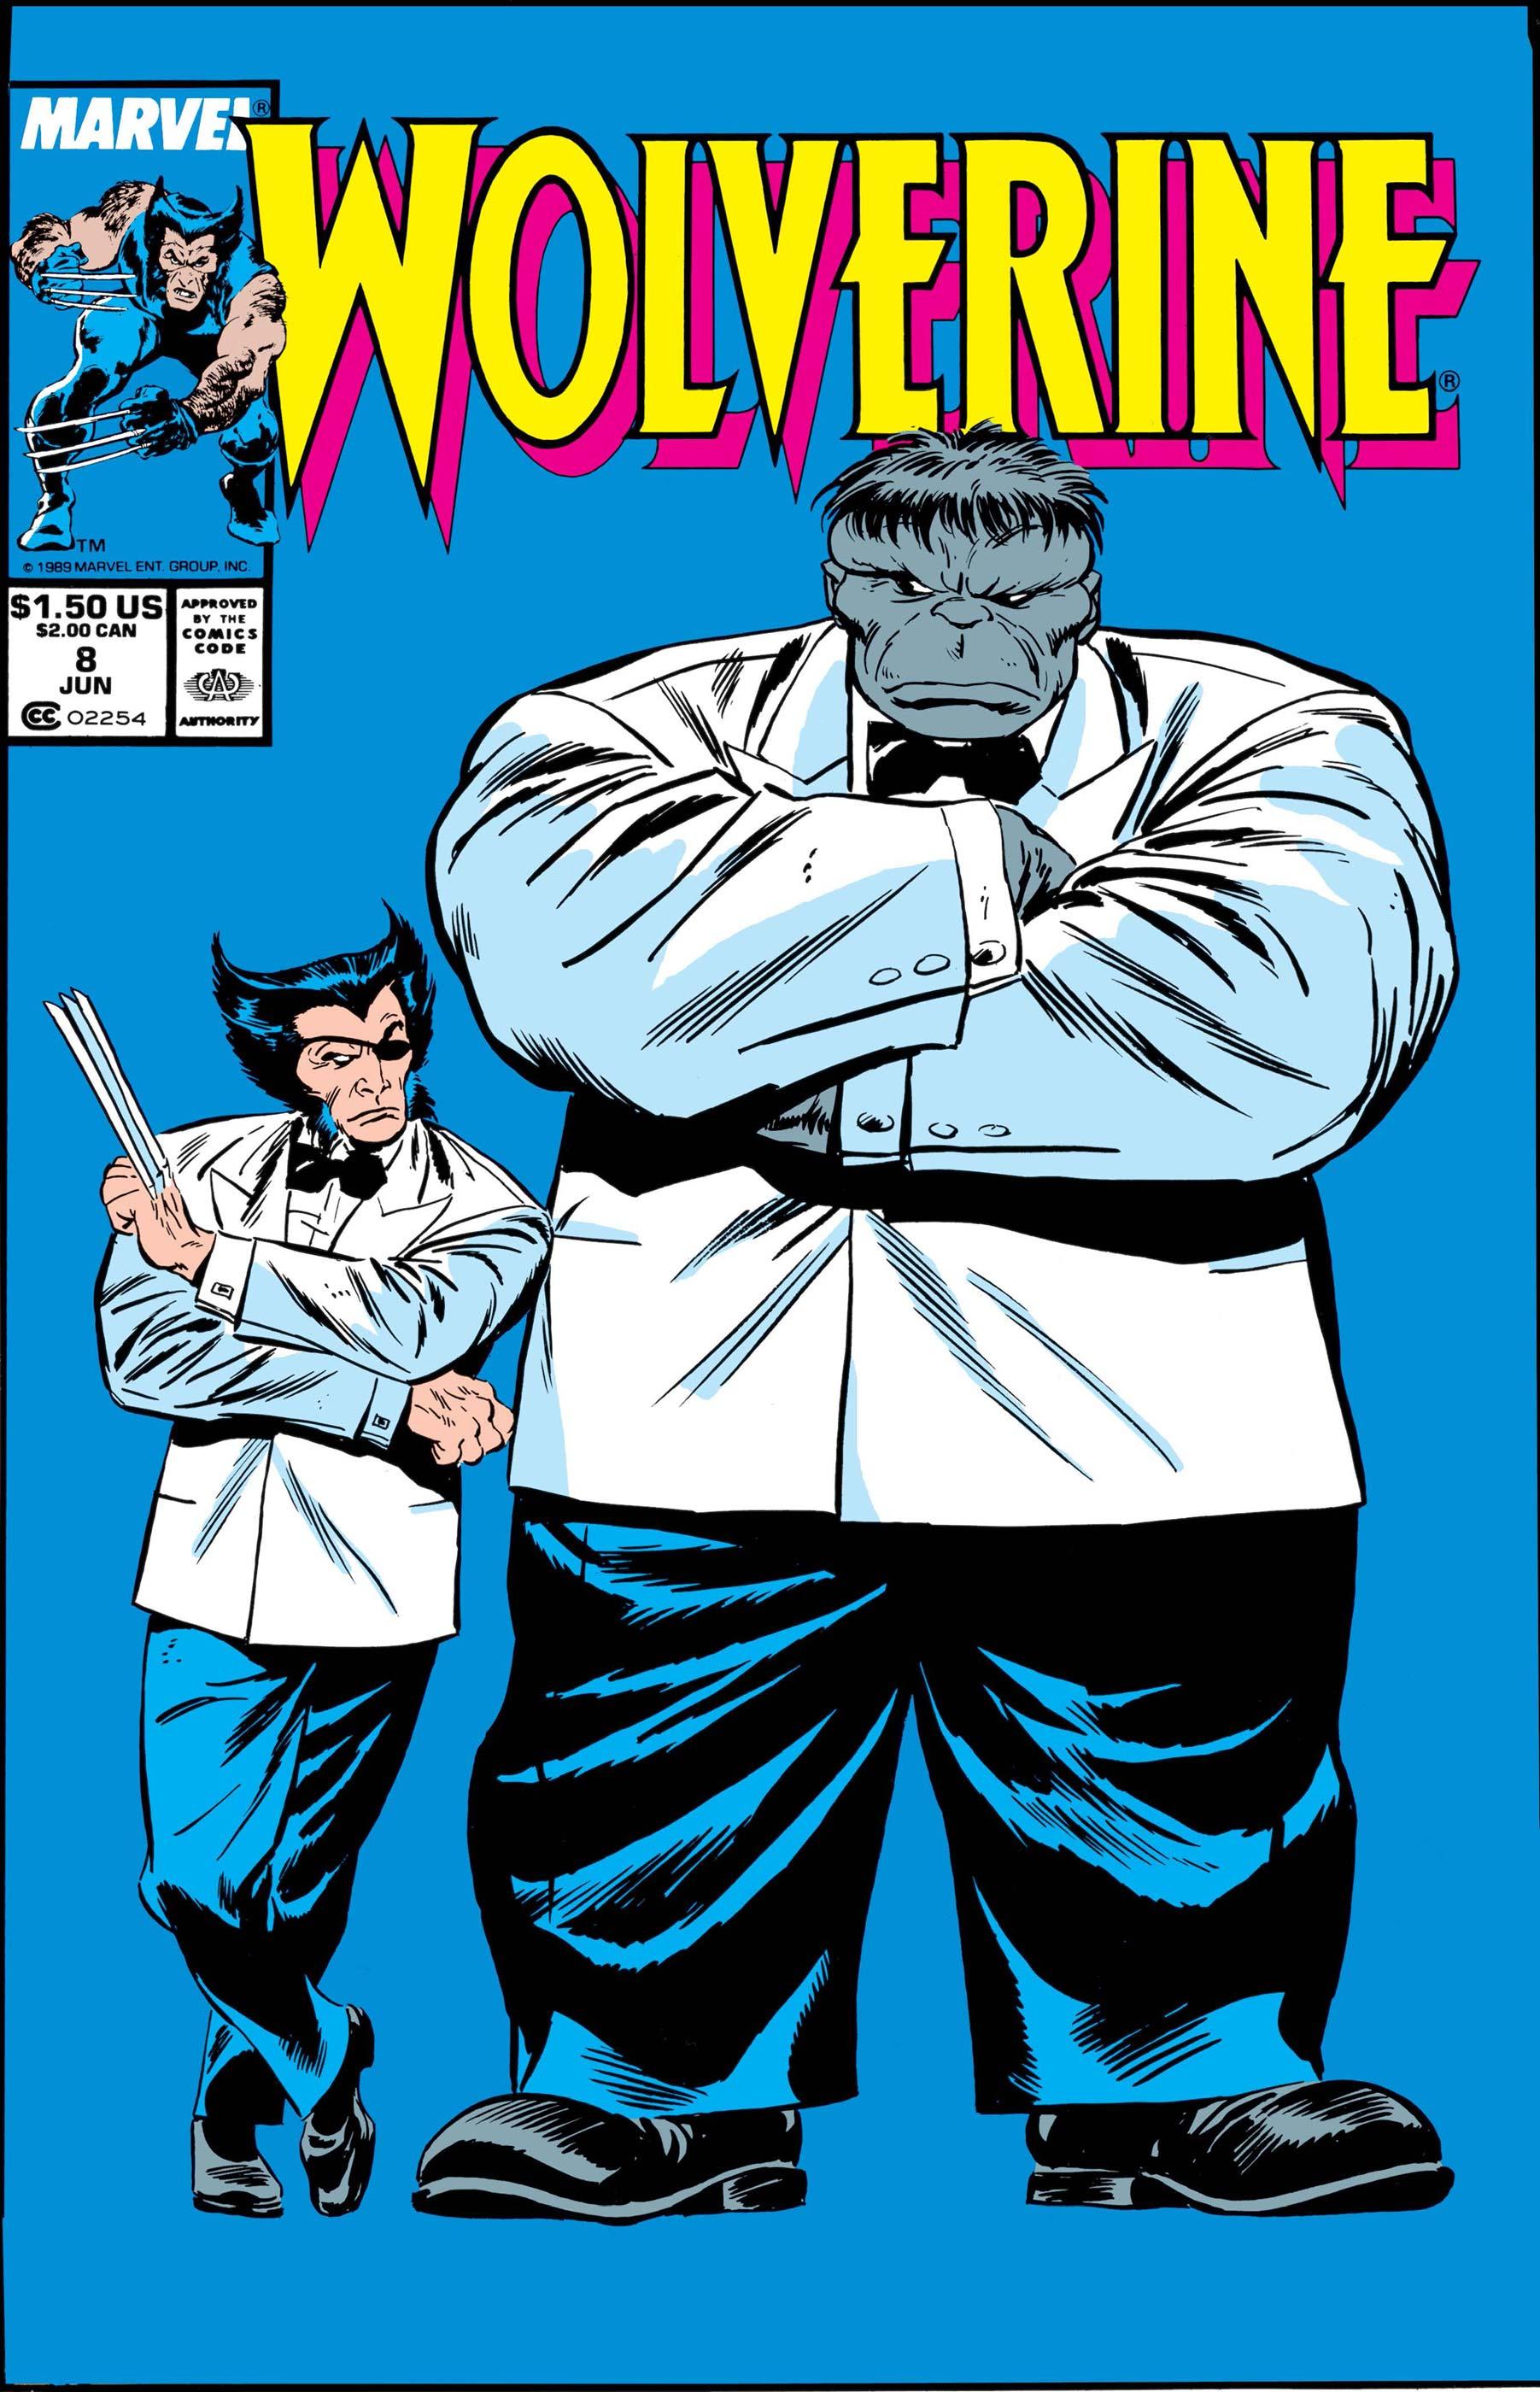 Wolverine (1988) #8